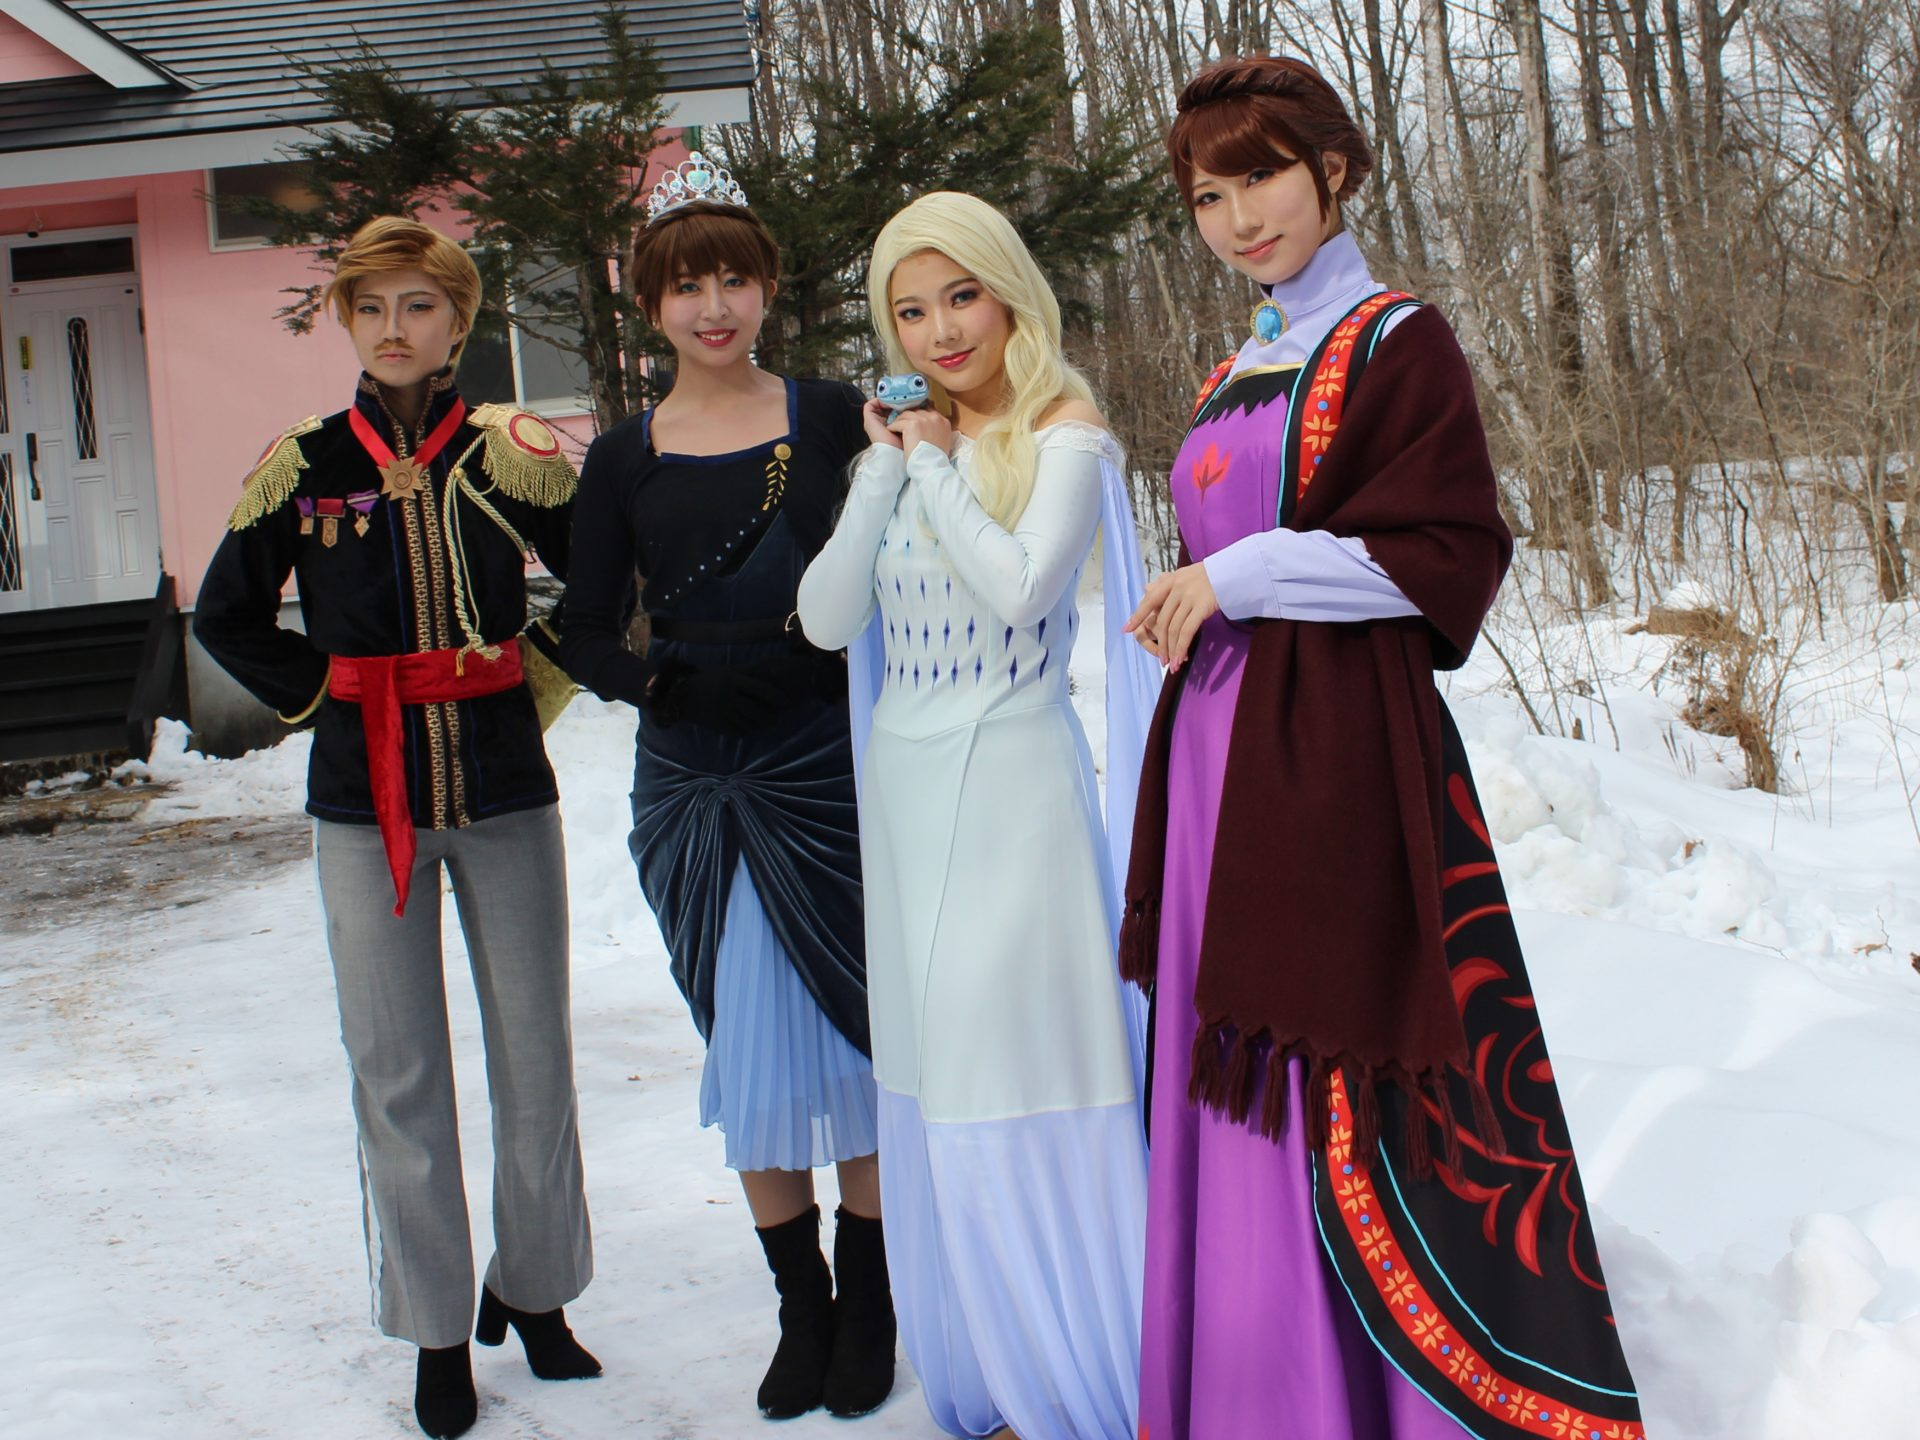 アナと雪の女王2020年2月7日コスプレ撮影貸別荘ルネス軽井沢のコテージ「エクセル」